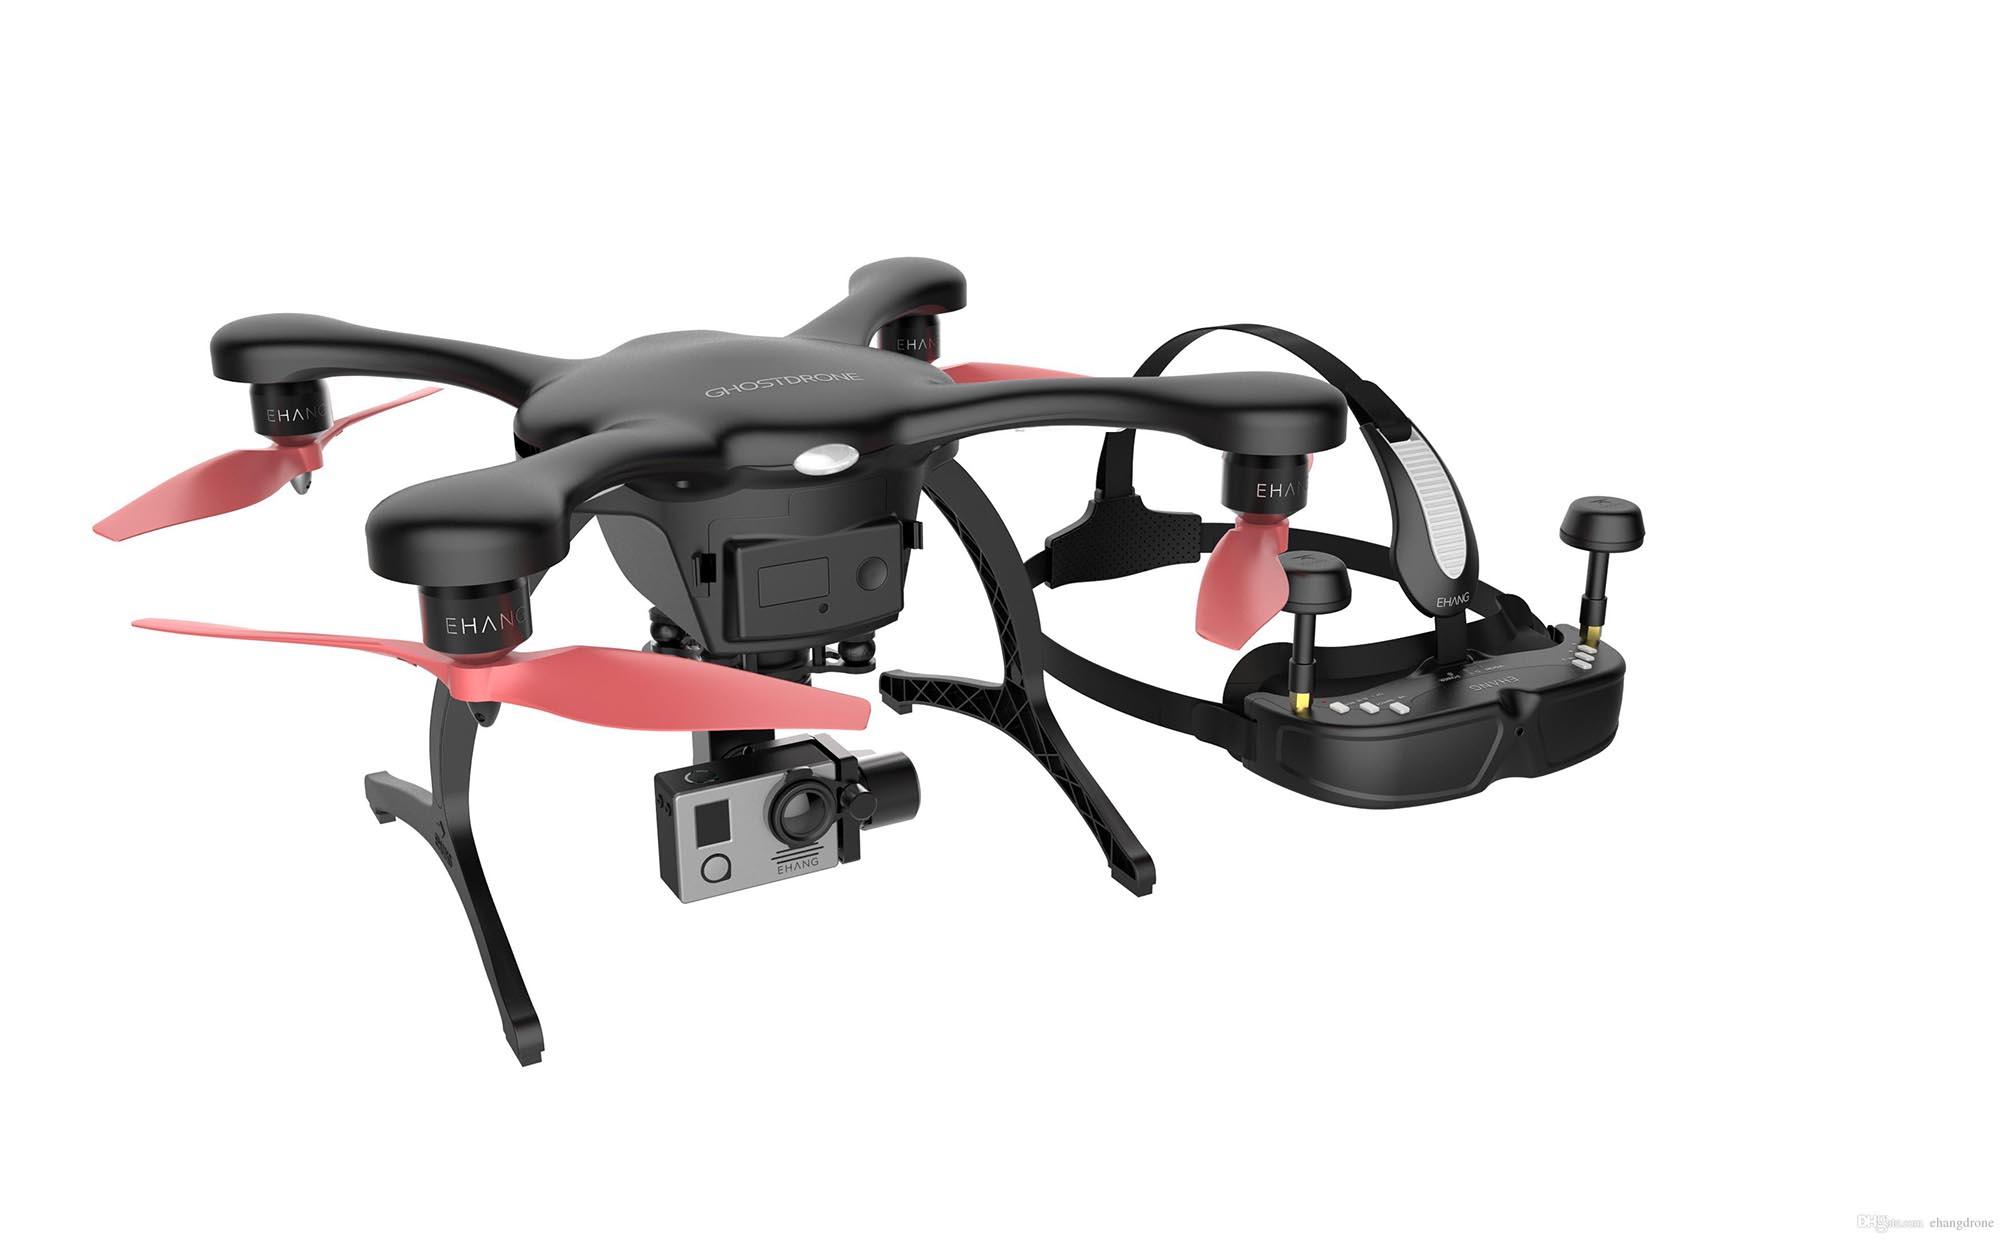 傻瓜航拍機 新手都識飛 Ehang Ghostdrone 2.0